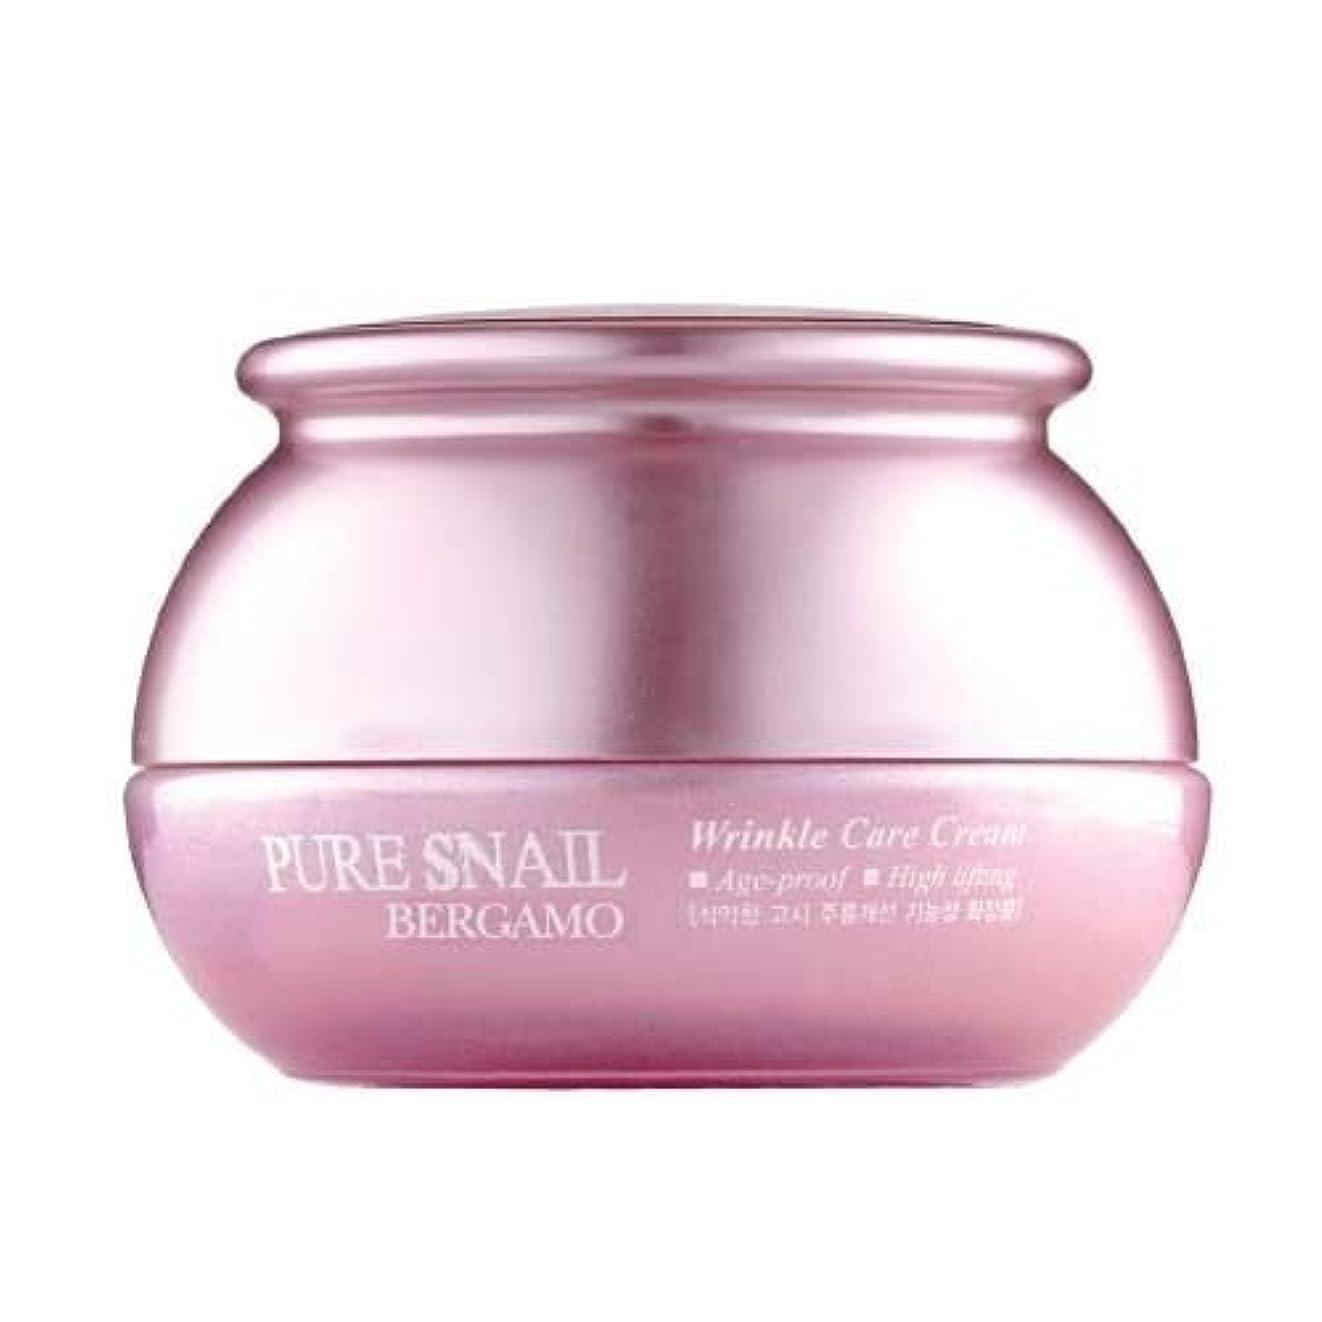 鎮痛剤最後の救急車ベルガモ[韓国コスメBergamo]Pure Snail Wrinkle Care Cream カタツムリリンクルケアクリーム50ml しわ管理 [並行輸入品]